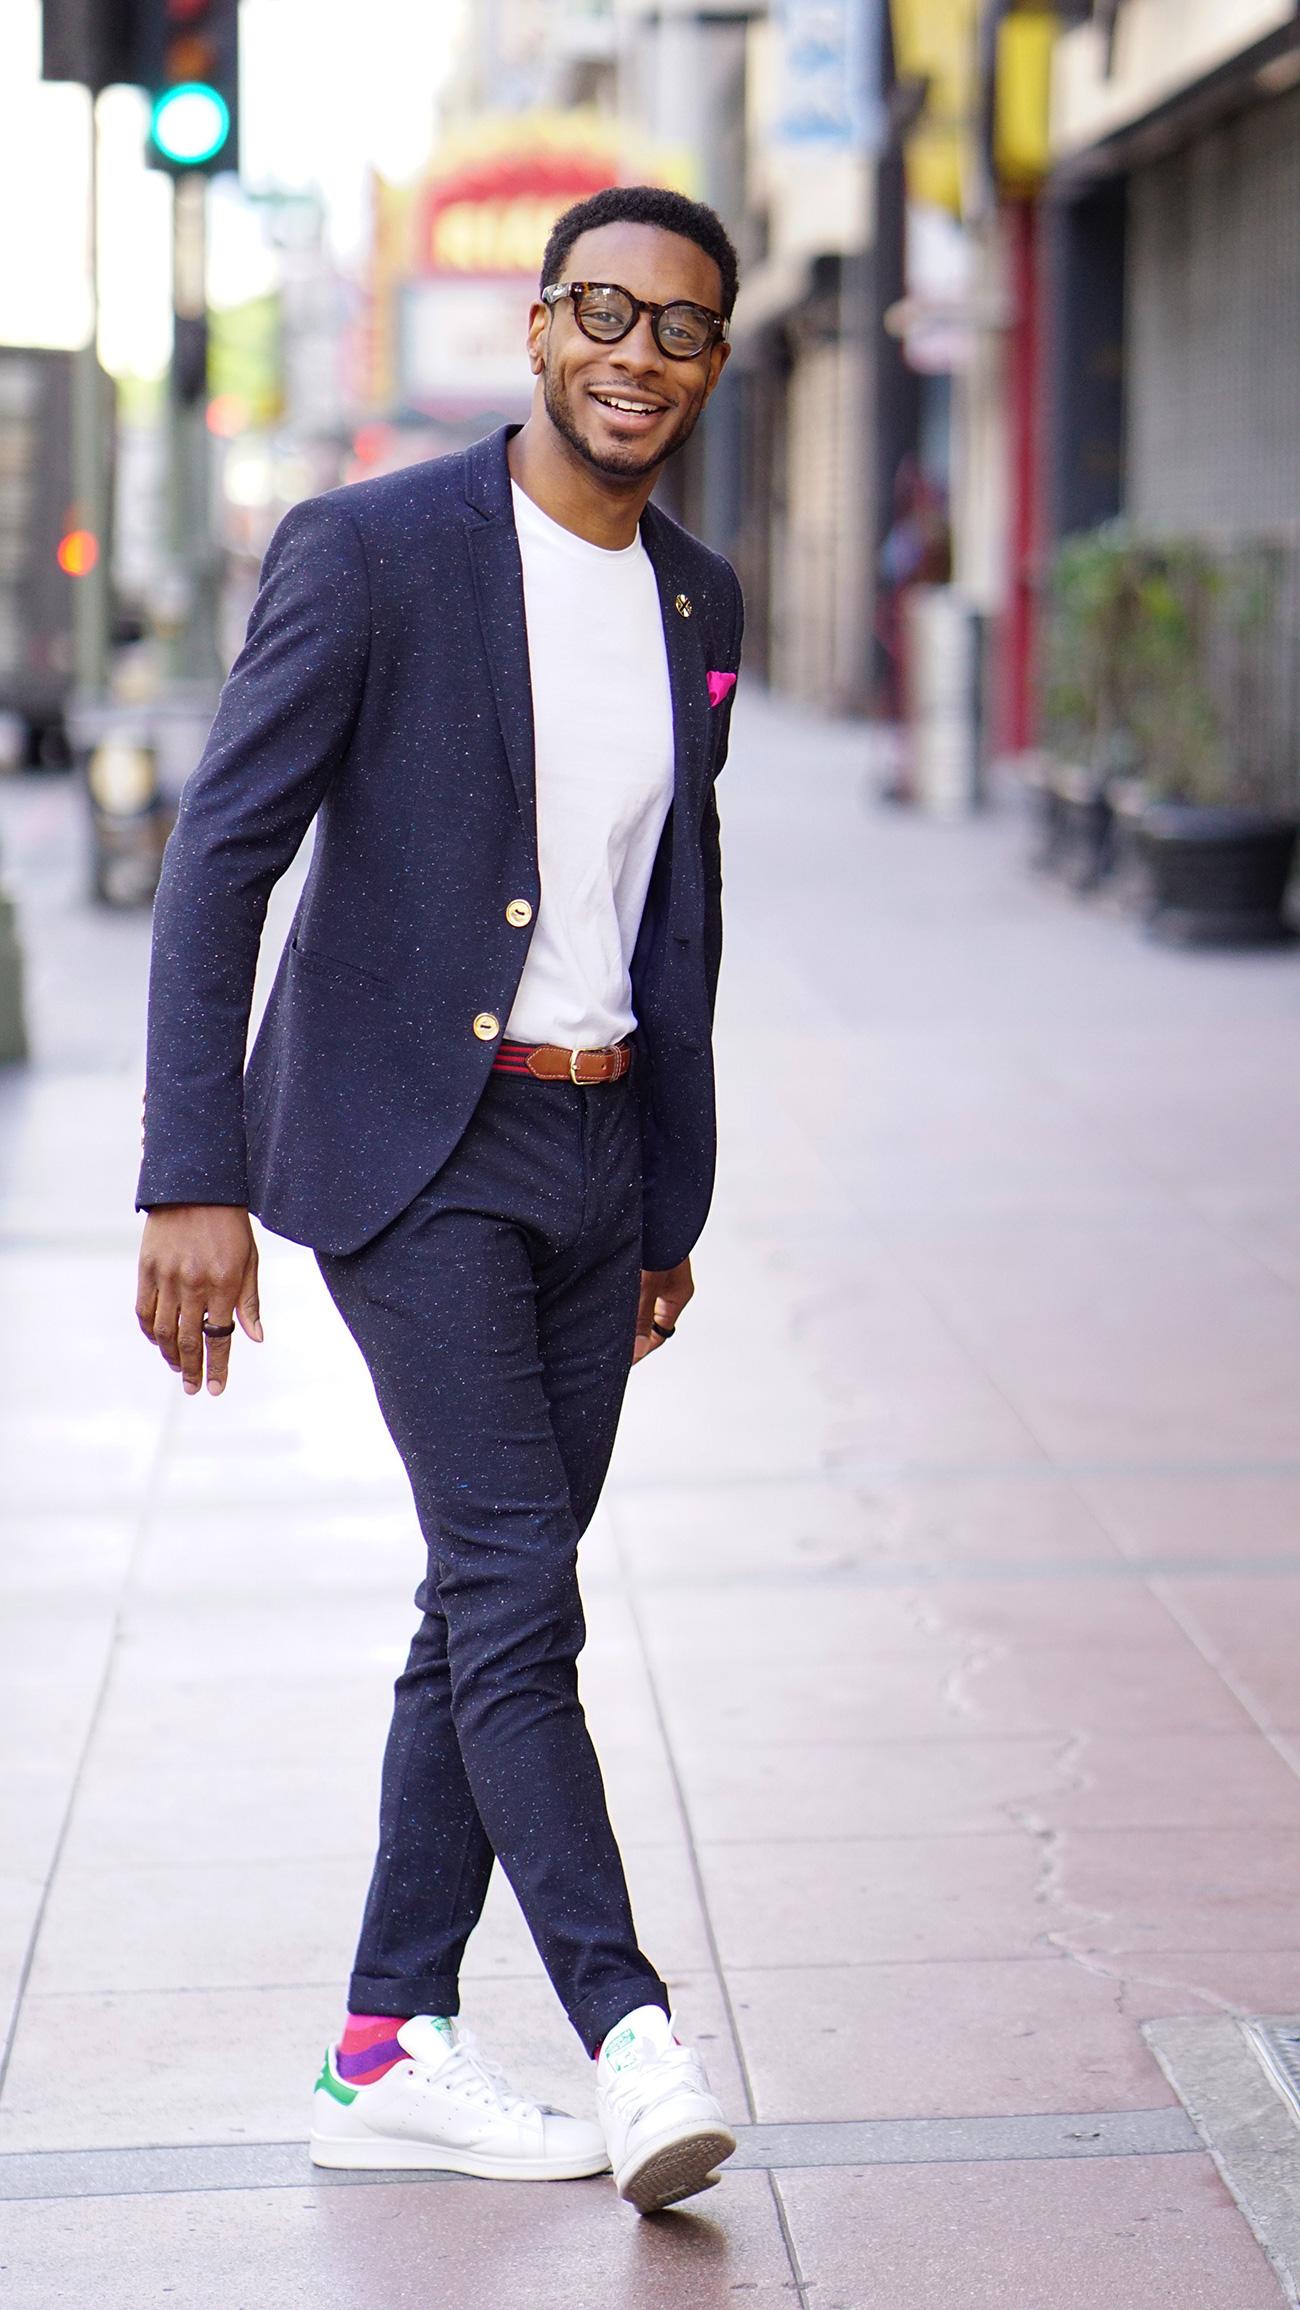 mens style suit photo - 1